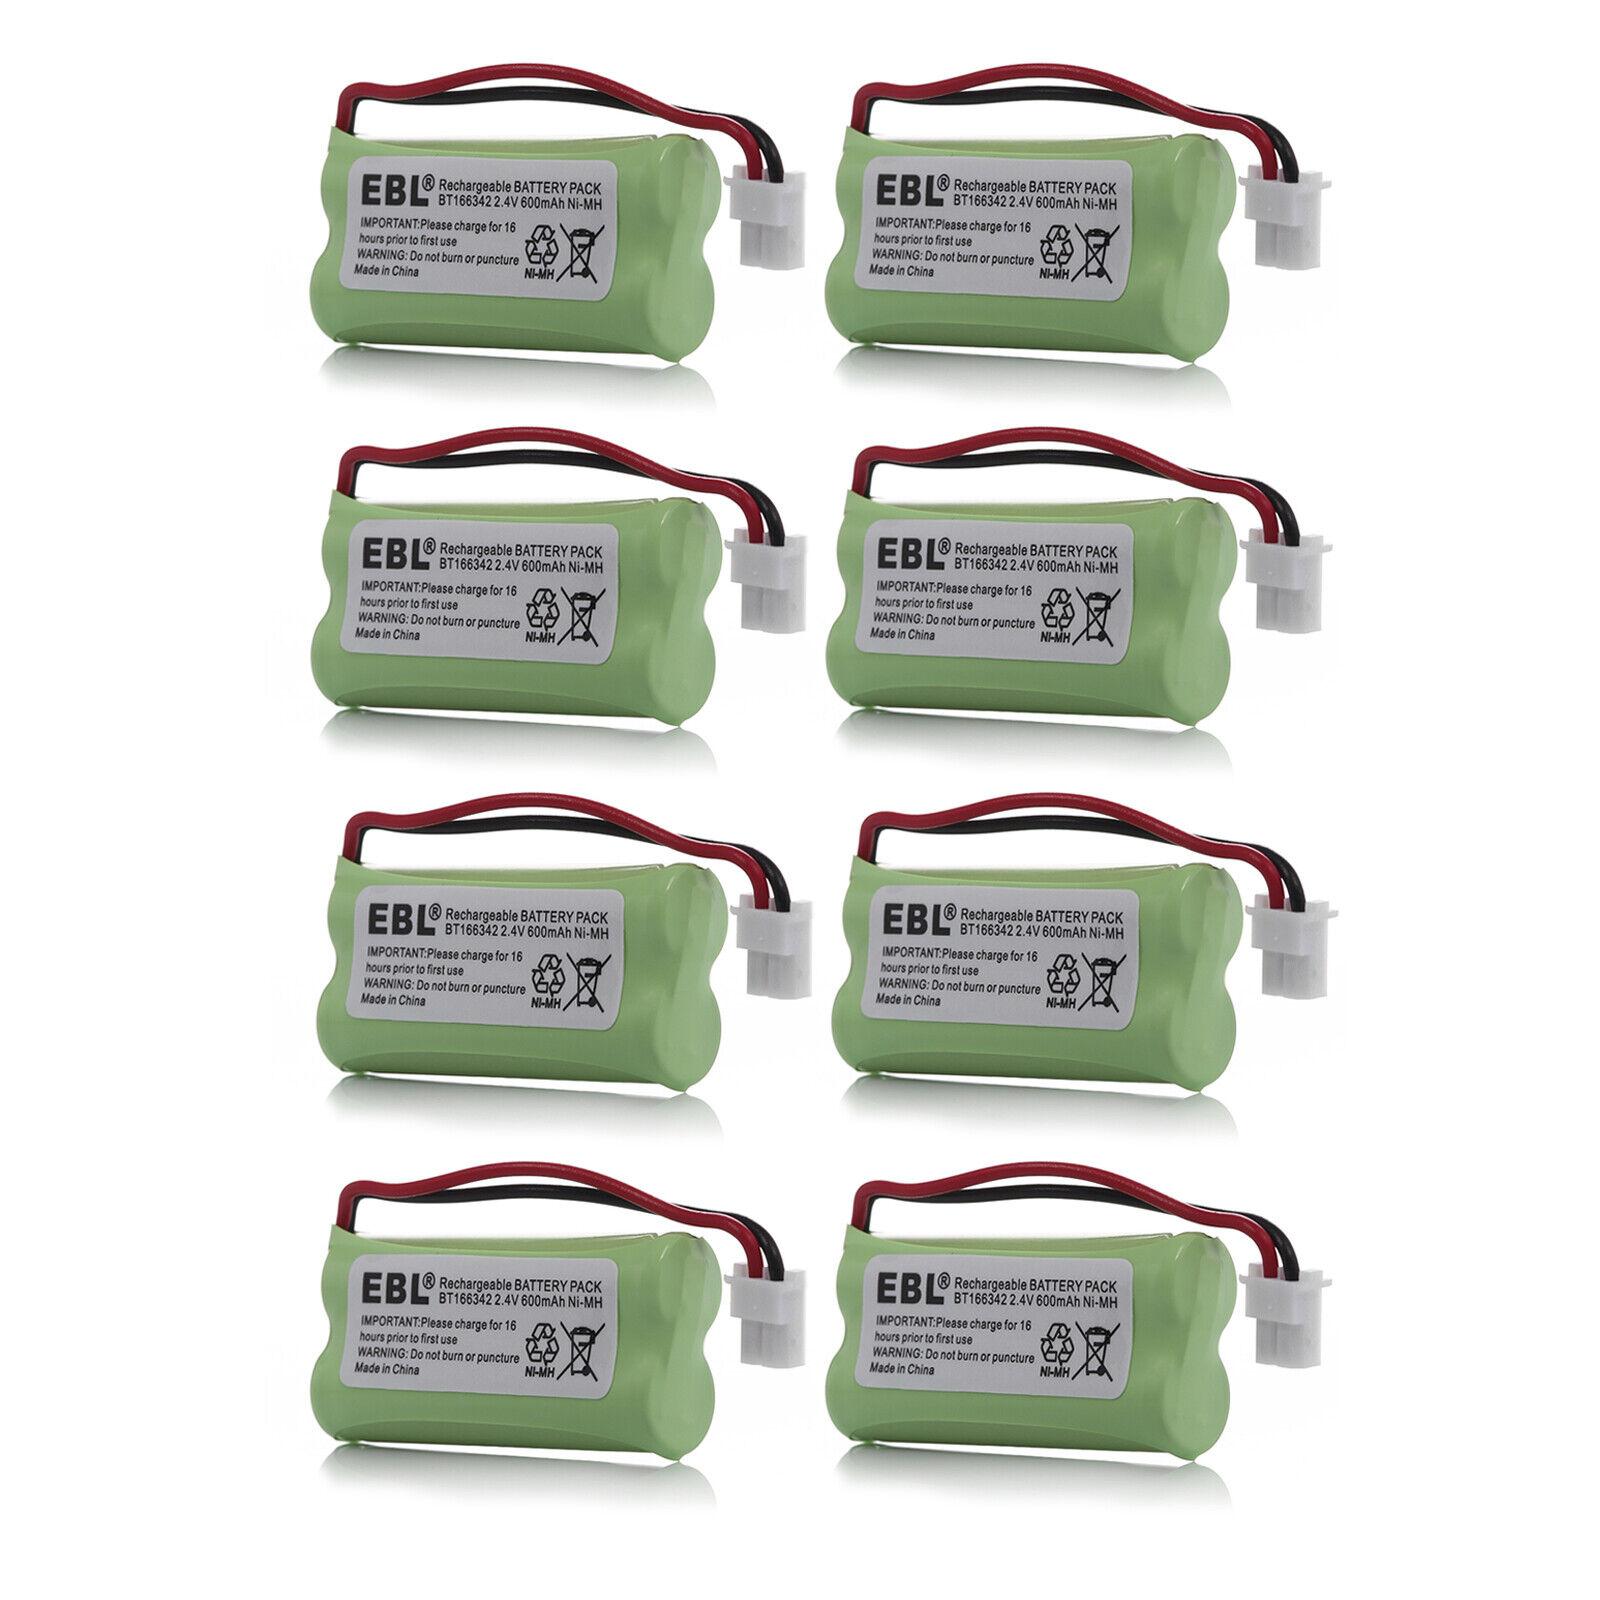 Cordless Home Phone BT166342 BT266342 BT183342 BT283342 Batt